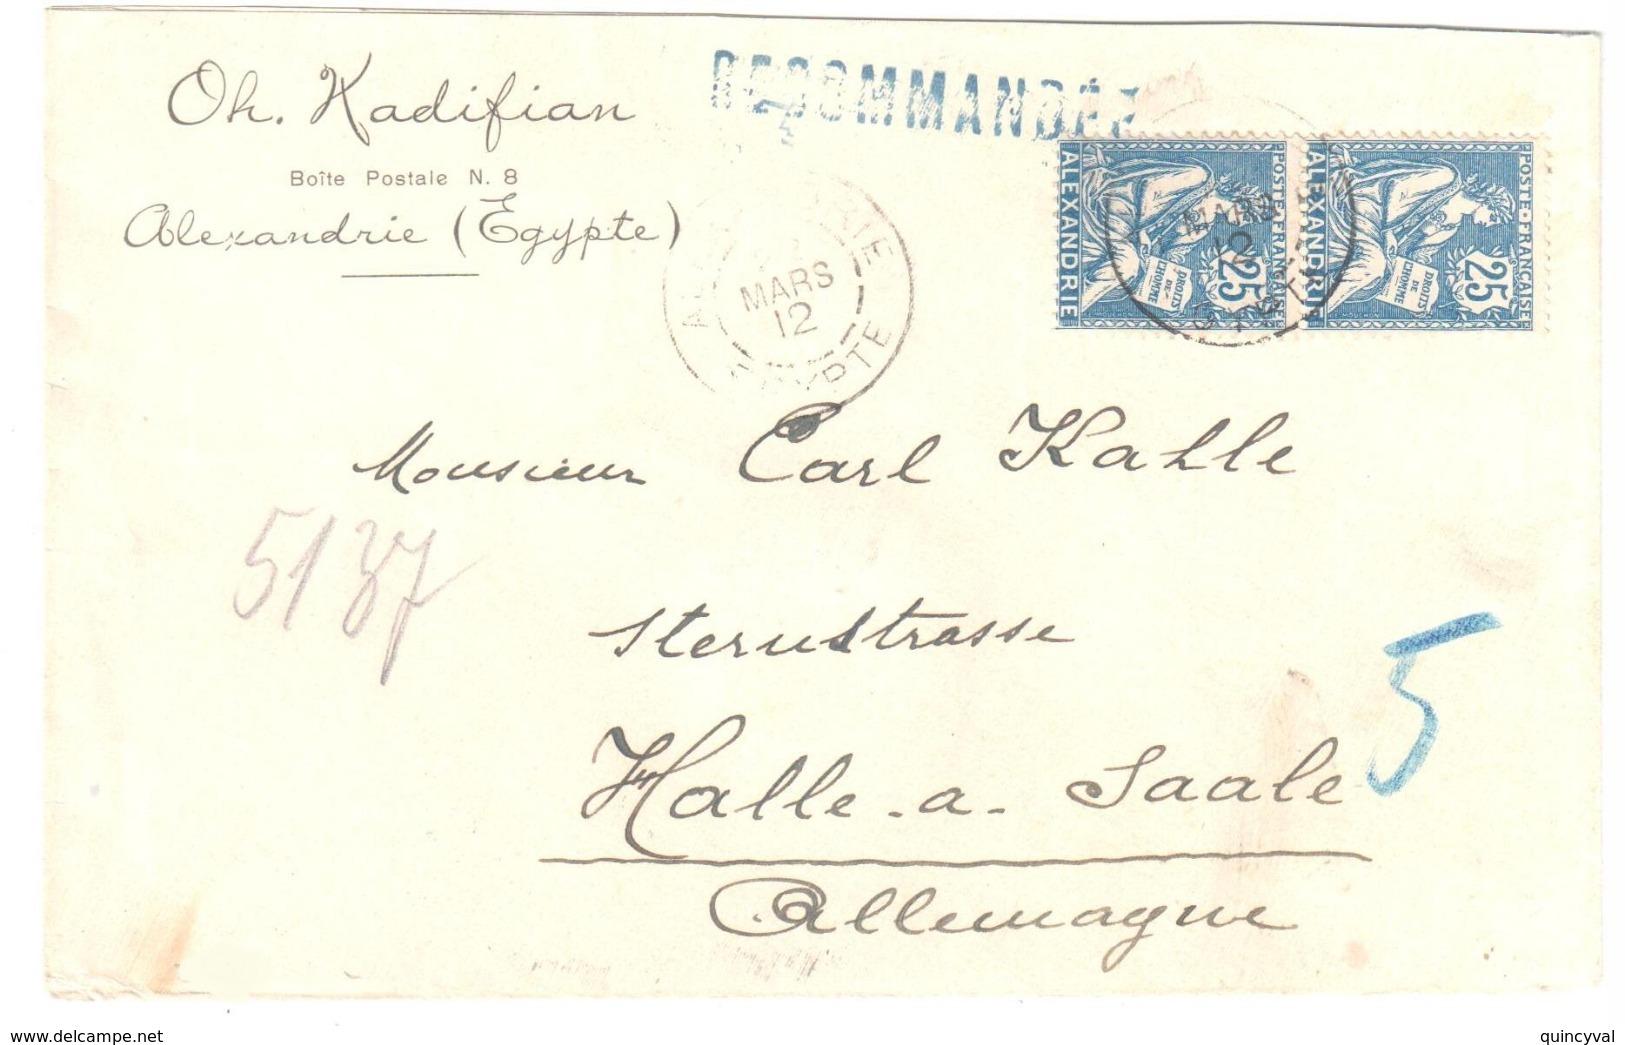 ALEXANDRIE Egypte Lettre Recommandée Pour étranger Halle Allemagne Entête Kadifian BP 8 25c Mouchon Yv 27 Ob 22 3 12 - Alexandrie (1899-1931)